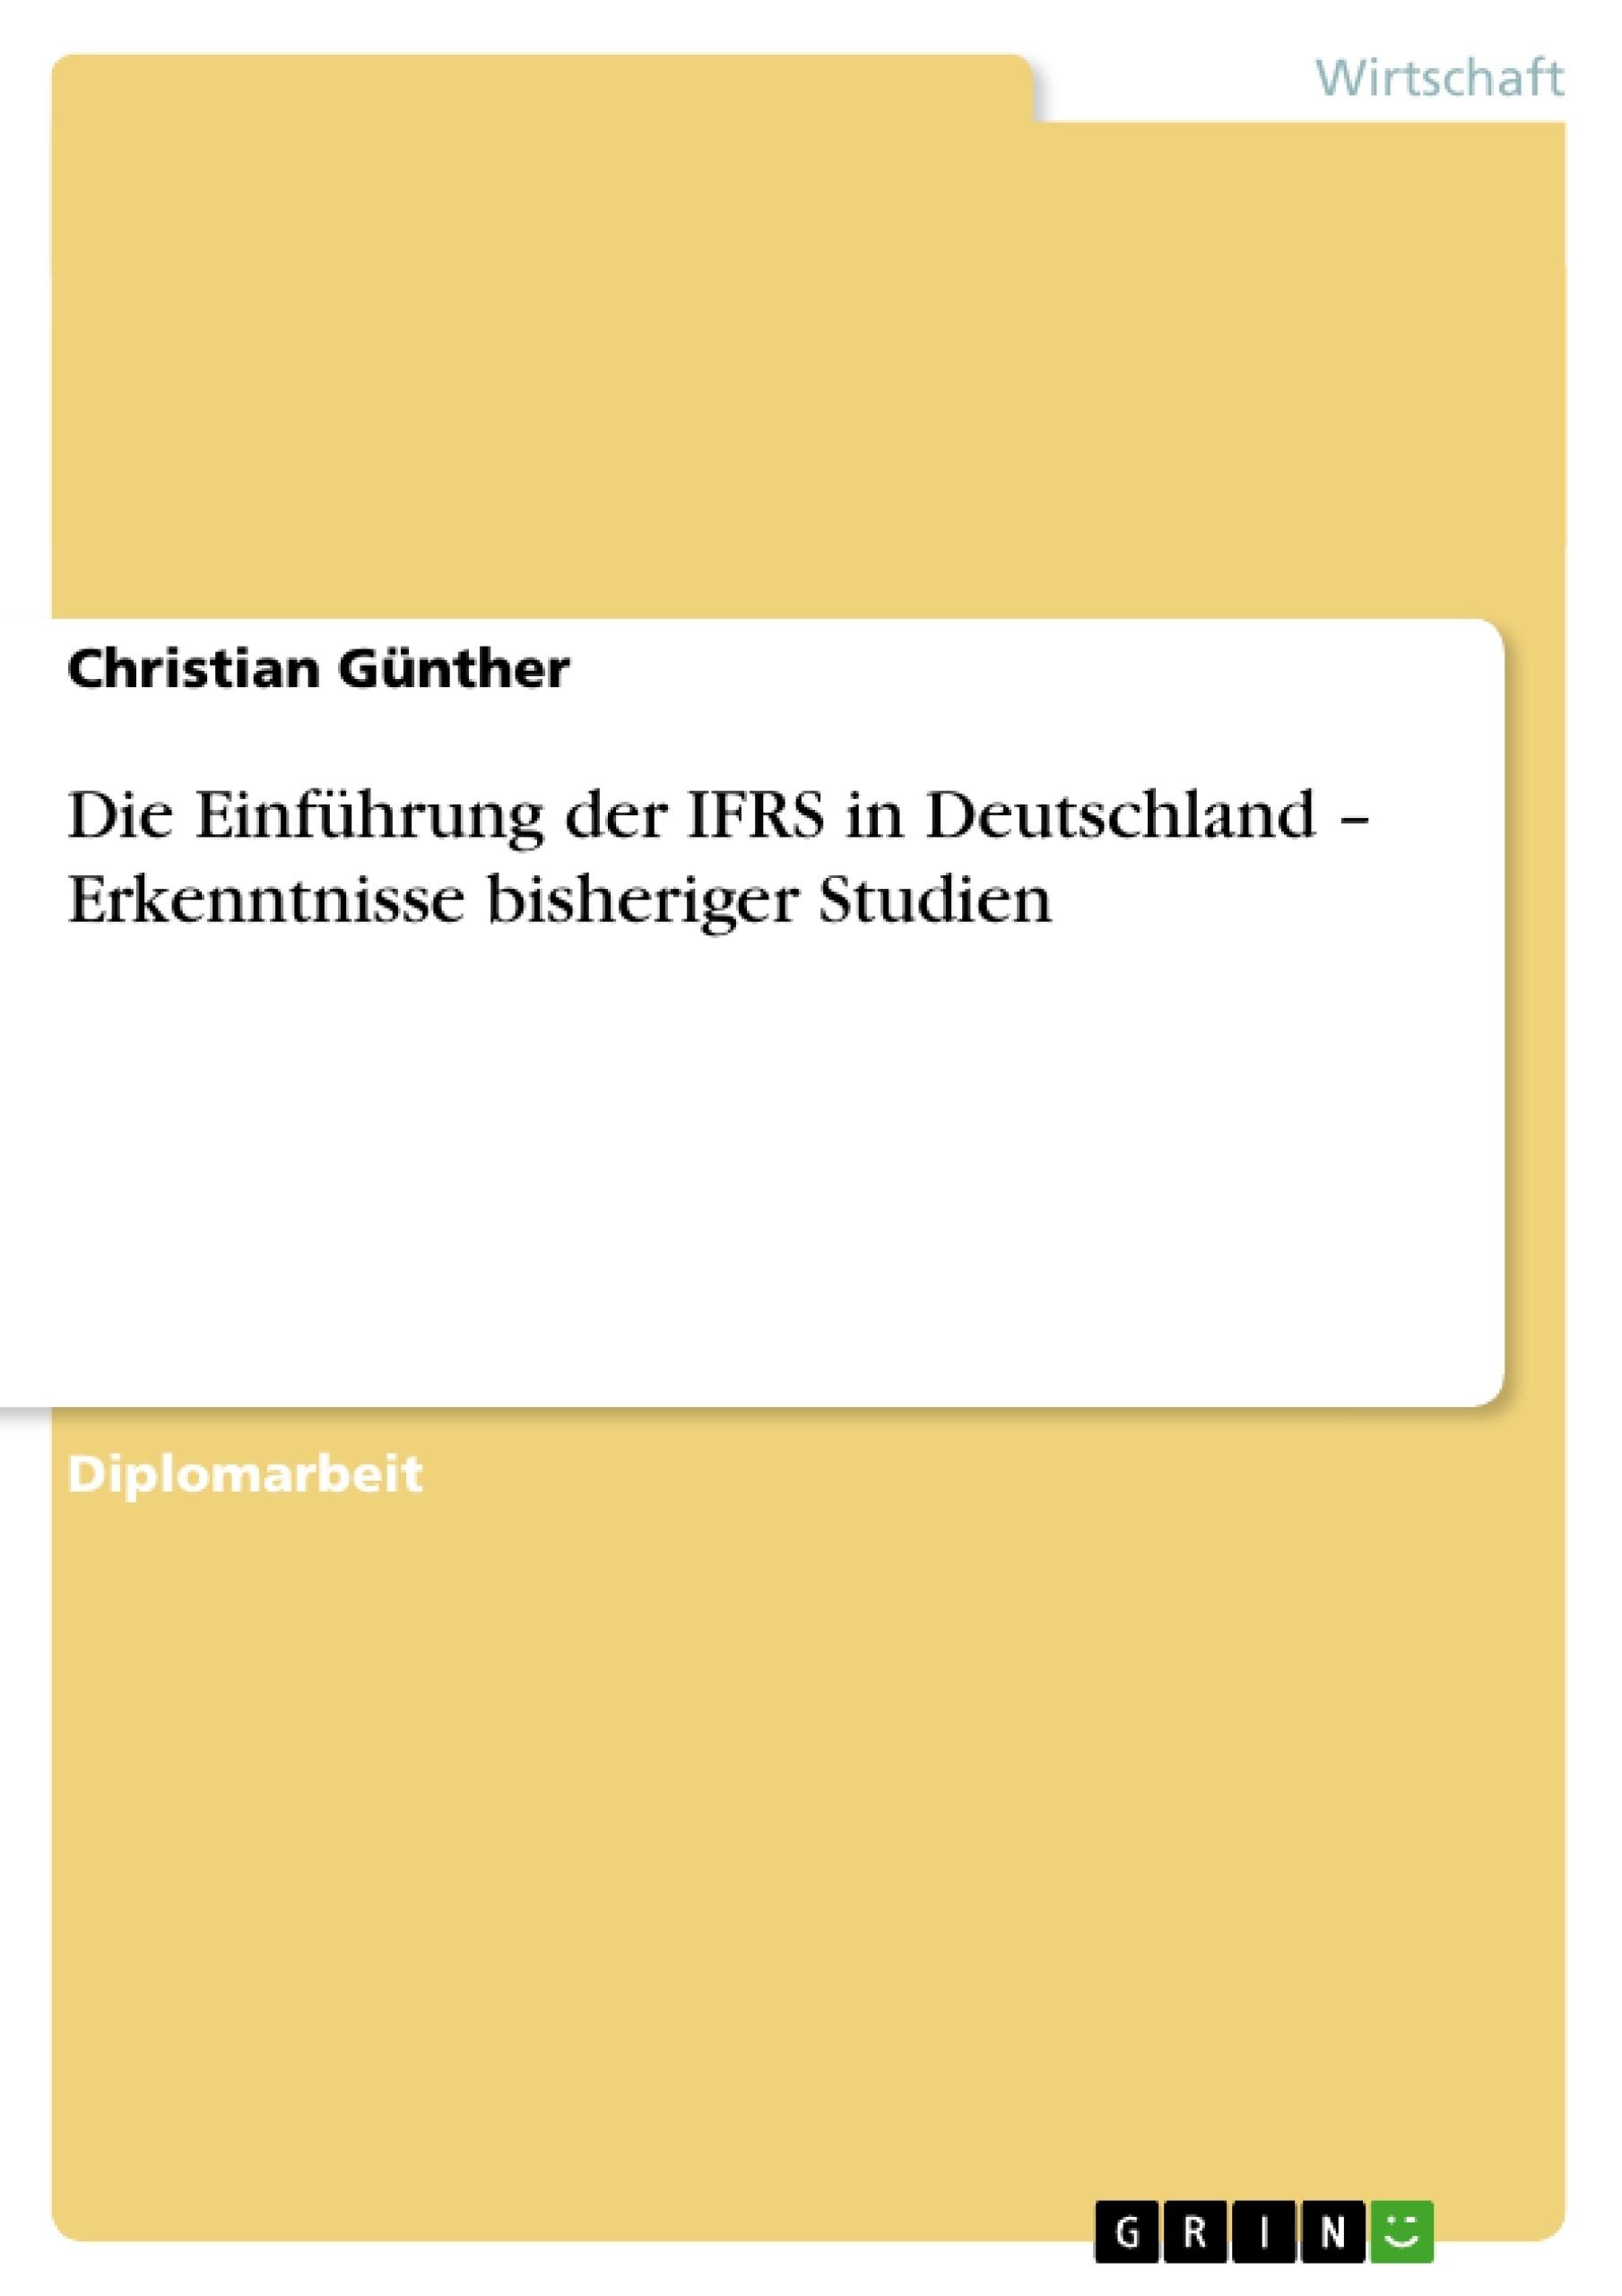 Titel: Die Einführung der IFRS in Deutschland – Erkenntnisse bisheriger Studien